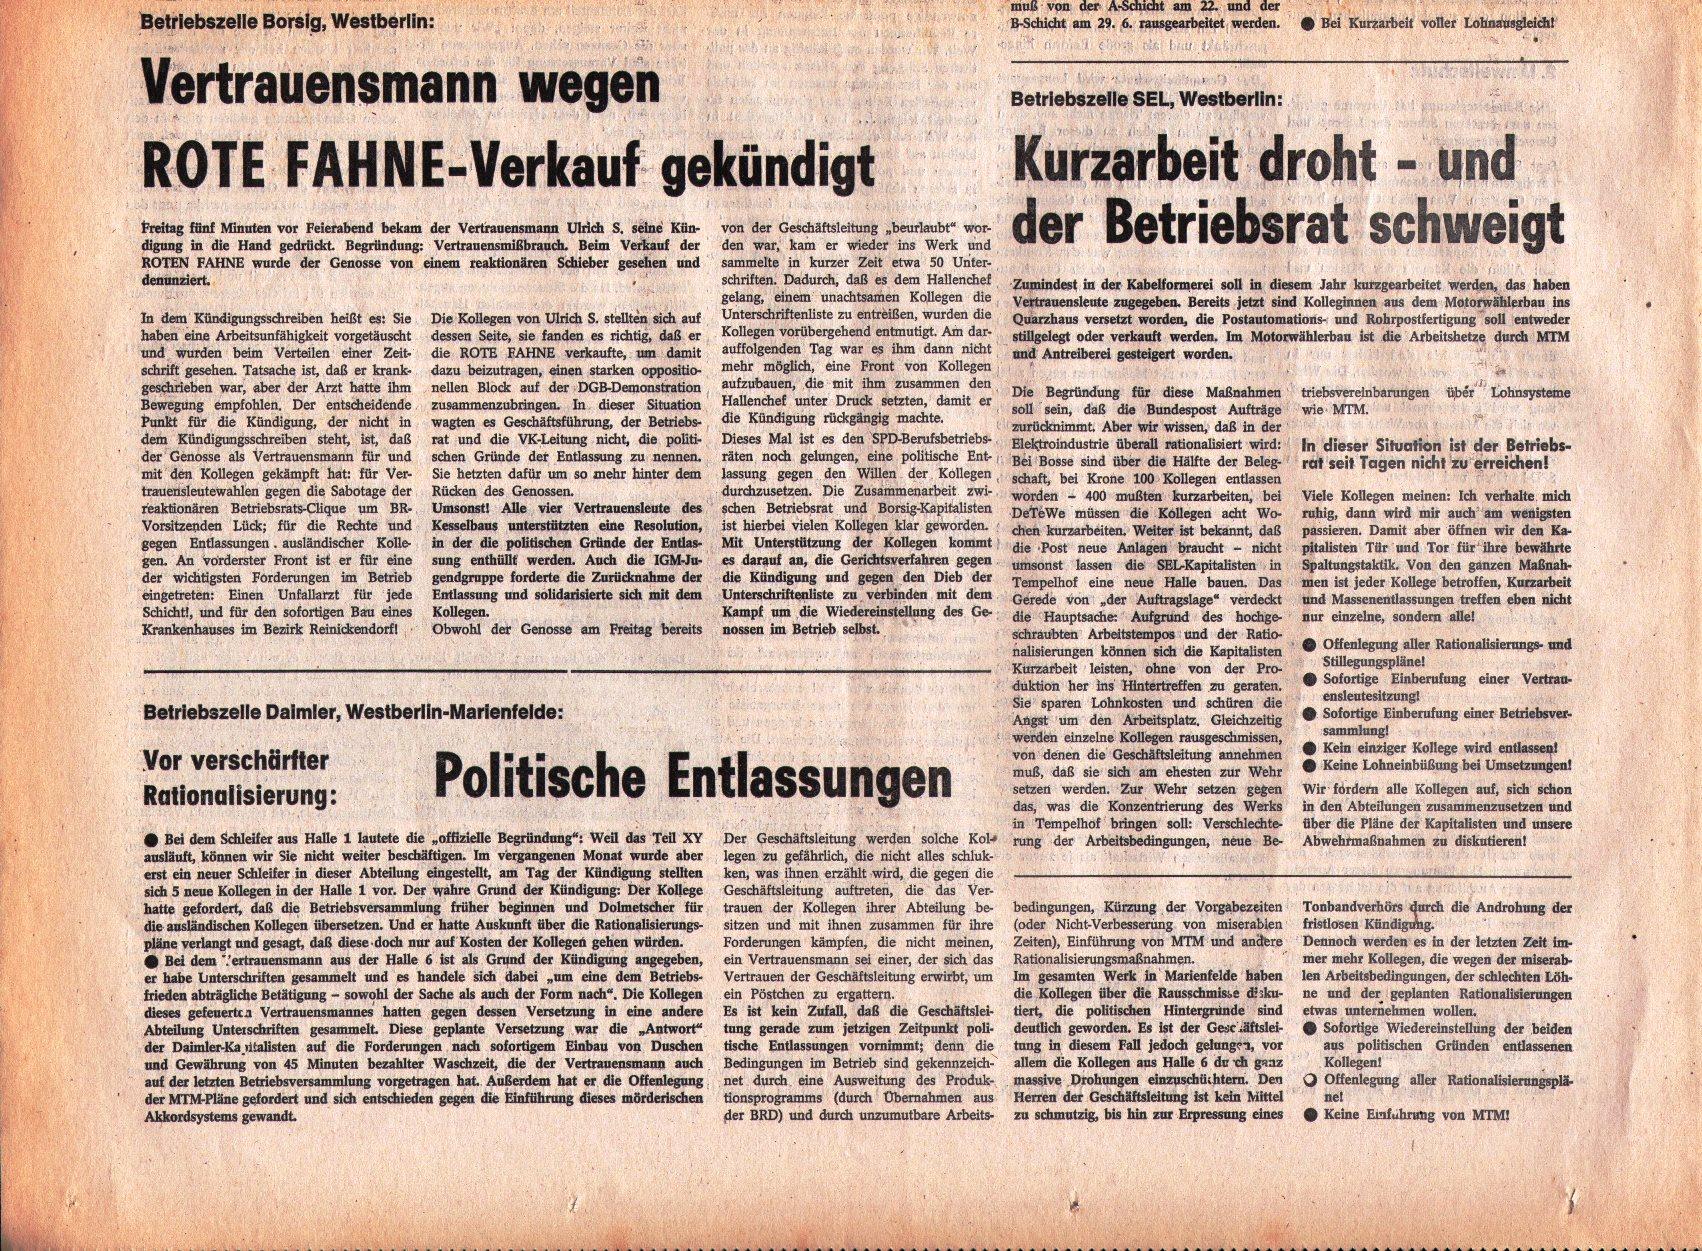 KPD_Rote_Fahne_1974_21_08